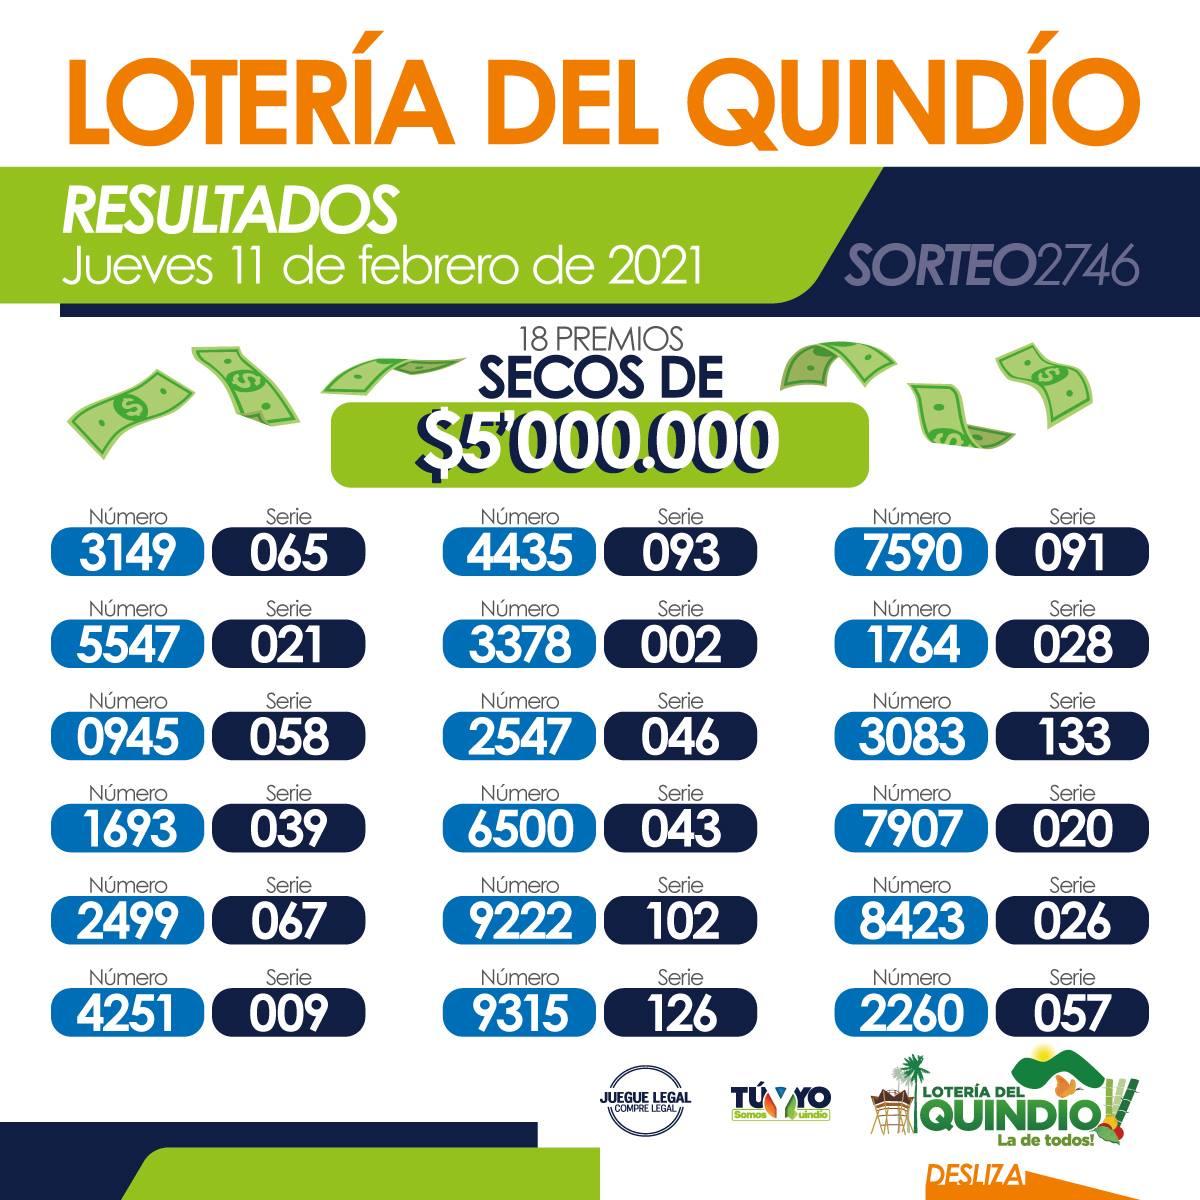 Fuente: Lotería del Quindío